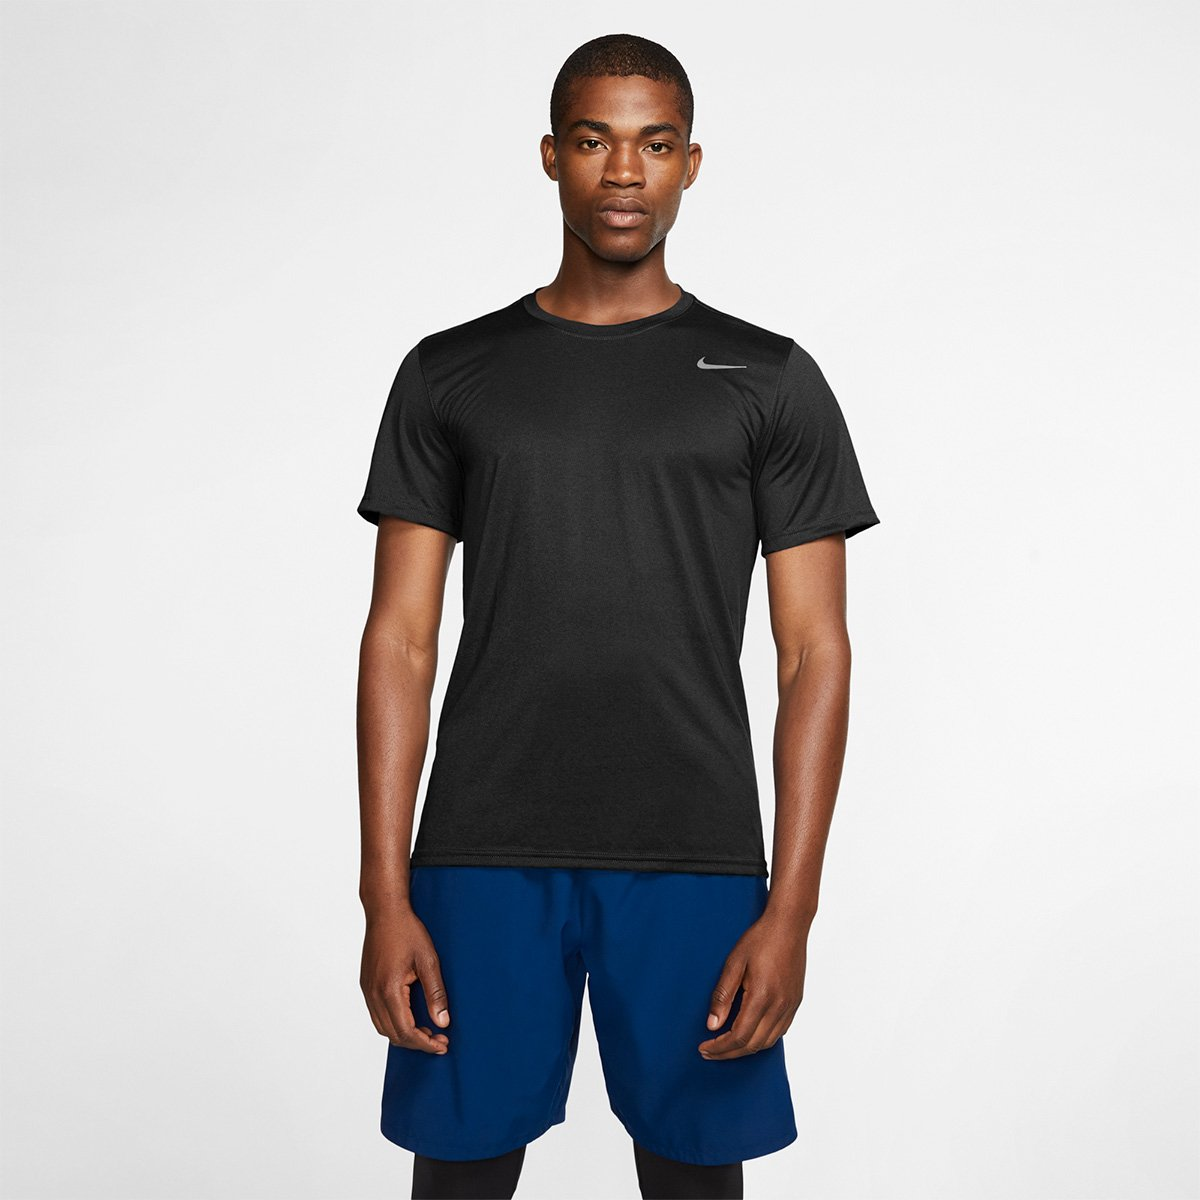 ace5c269b896a Camisetas Nike Masculinas - Melhores Preços